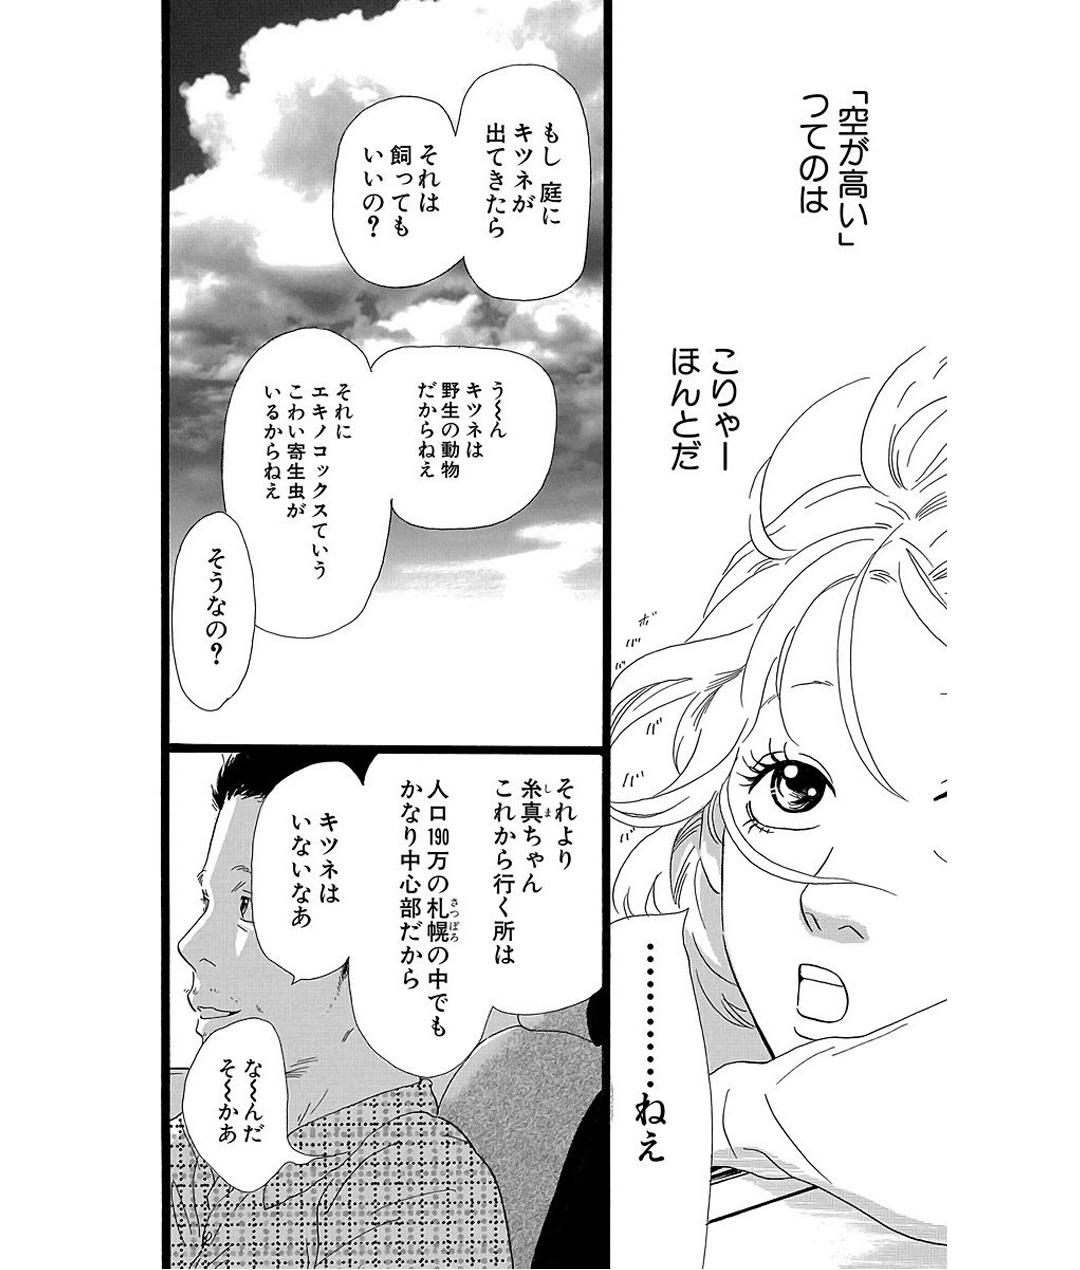 プリンシパル 第1話 試し読み_1_1-8